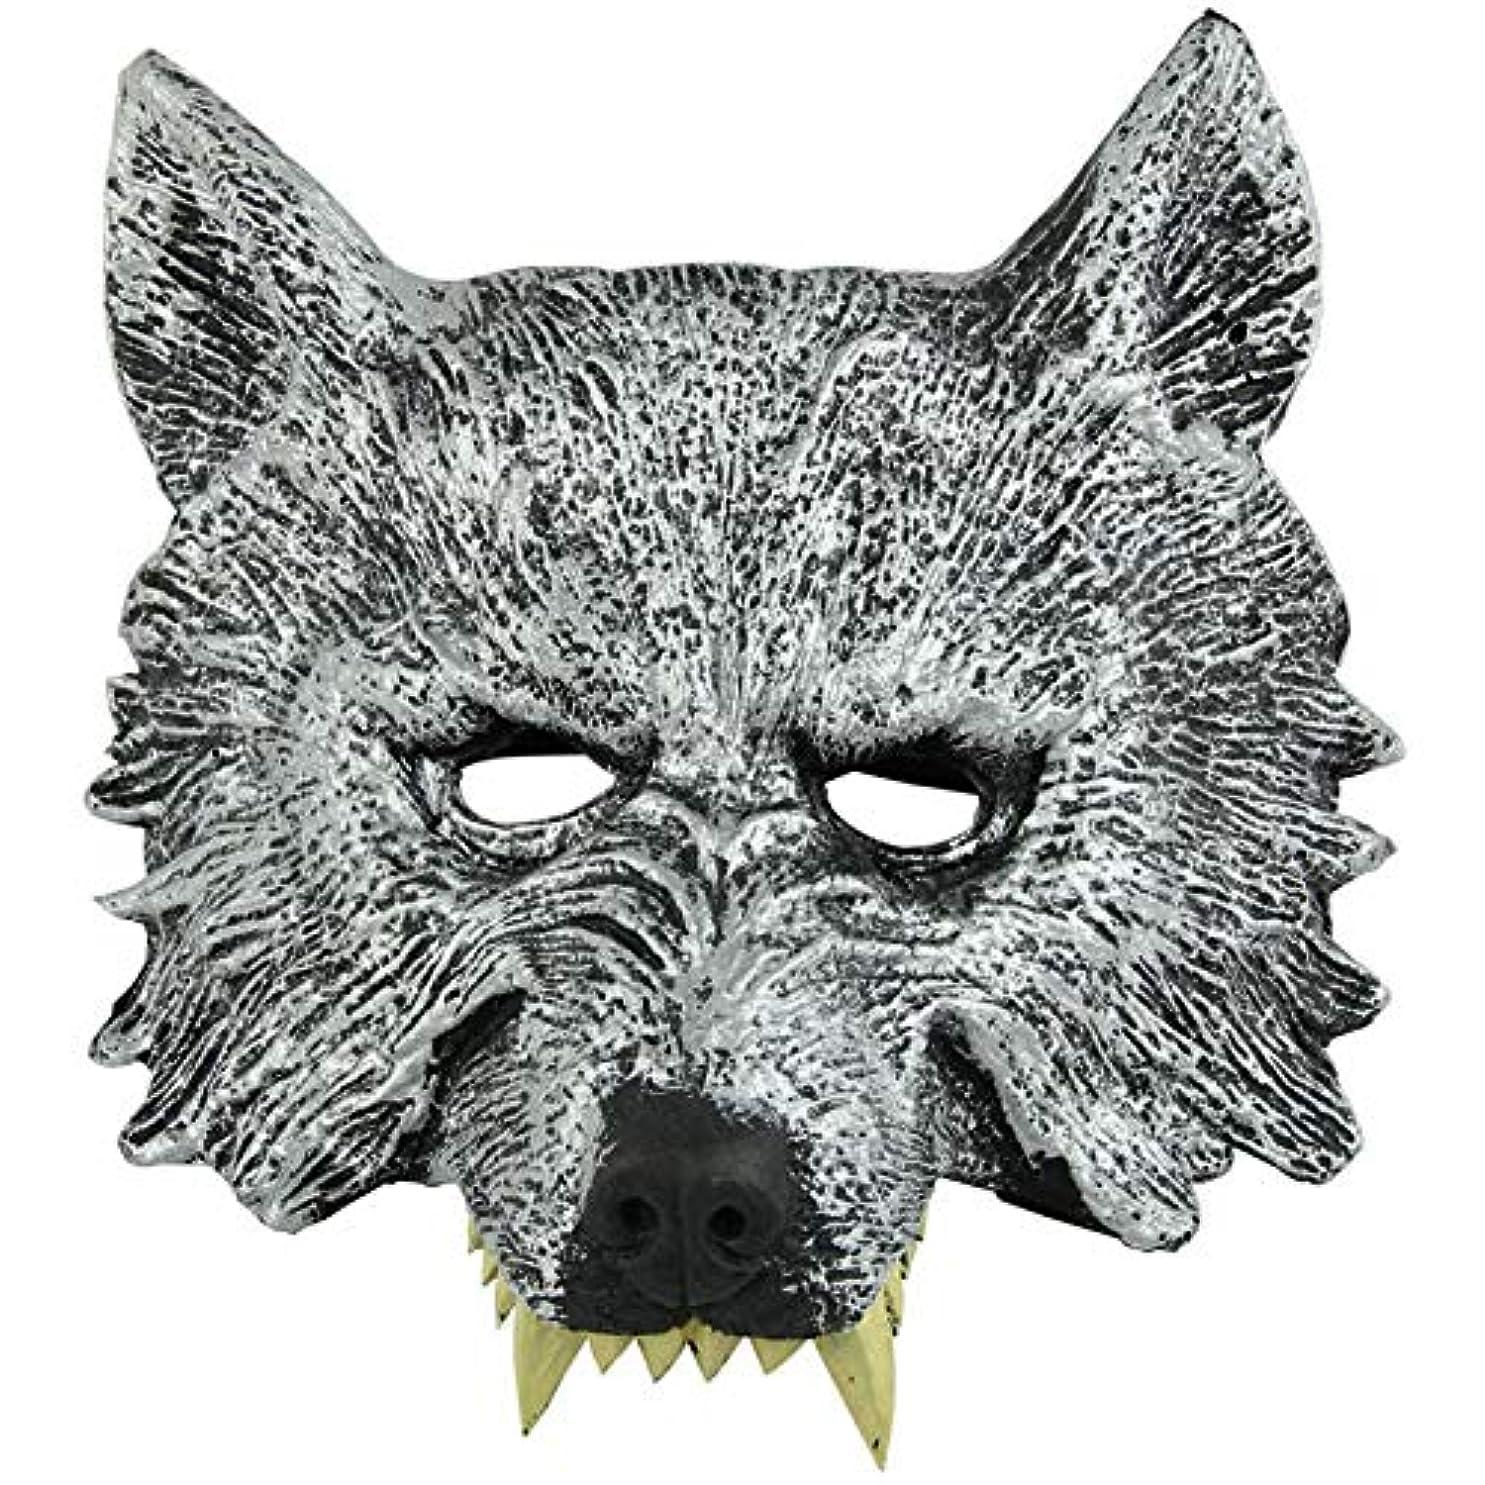 仲間、同僚小説家疑問を超えてオオカミヘッドマスク全身小道具ホリデー用品仮面舞踏会マスクハロウィンマスク